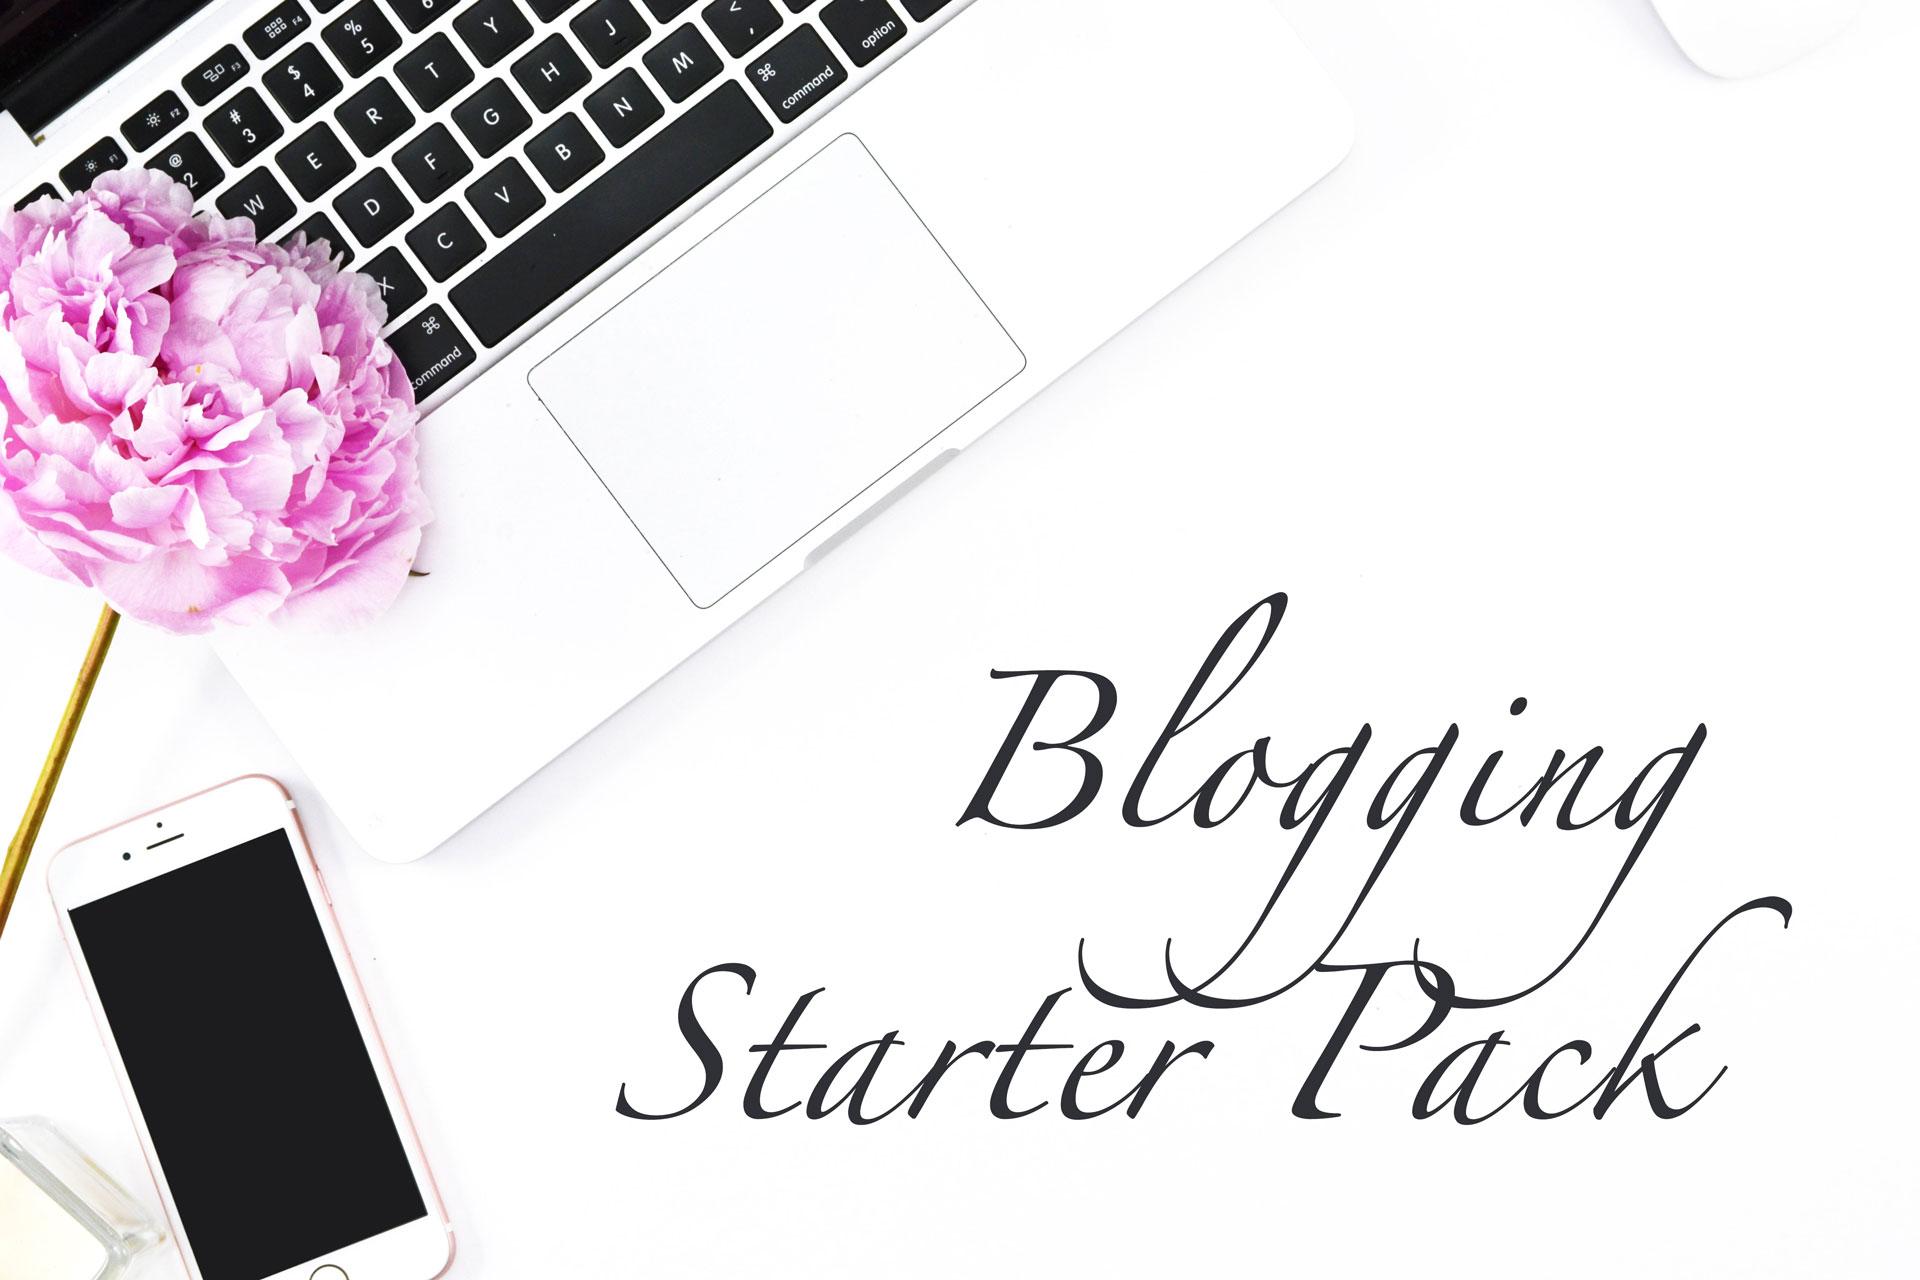 Blogging Starter Pack